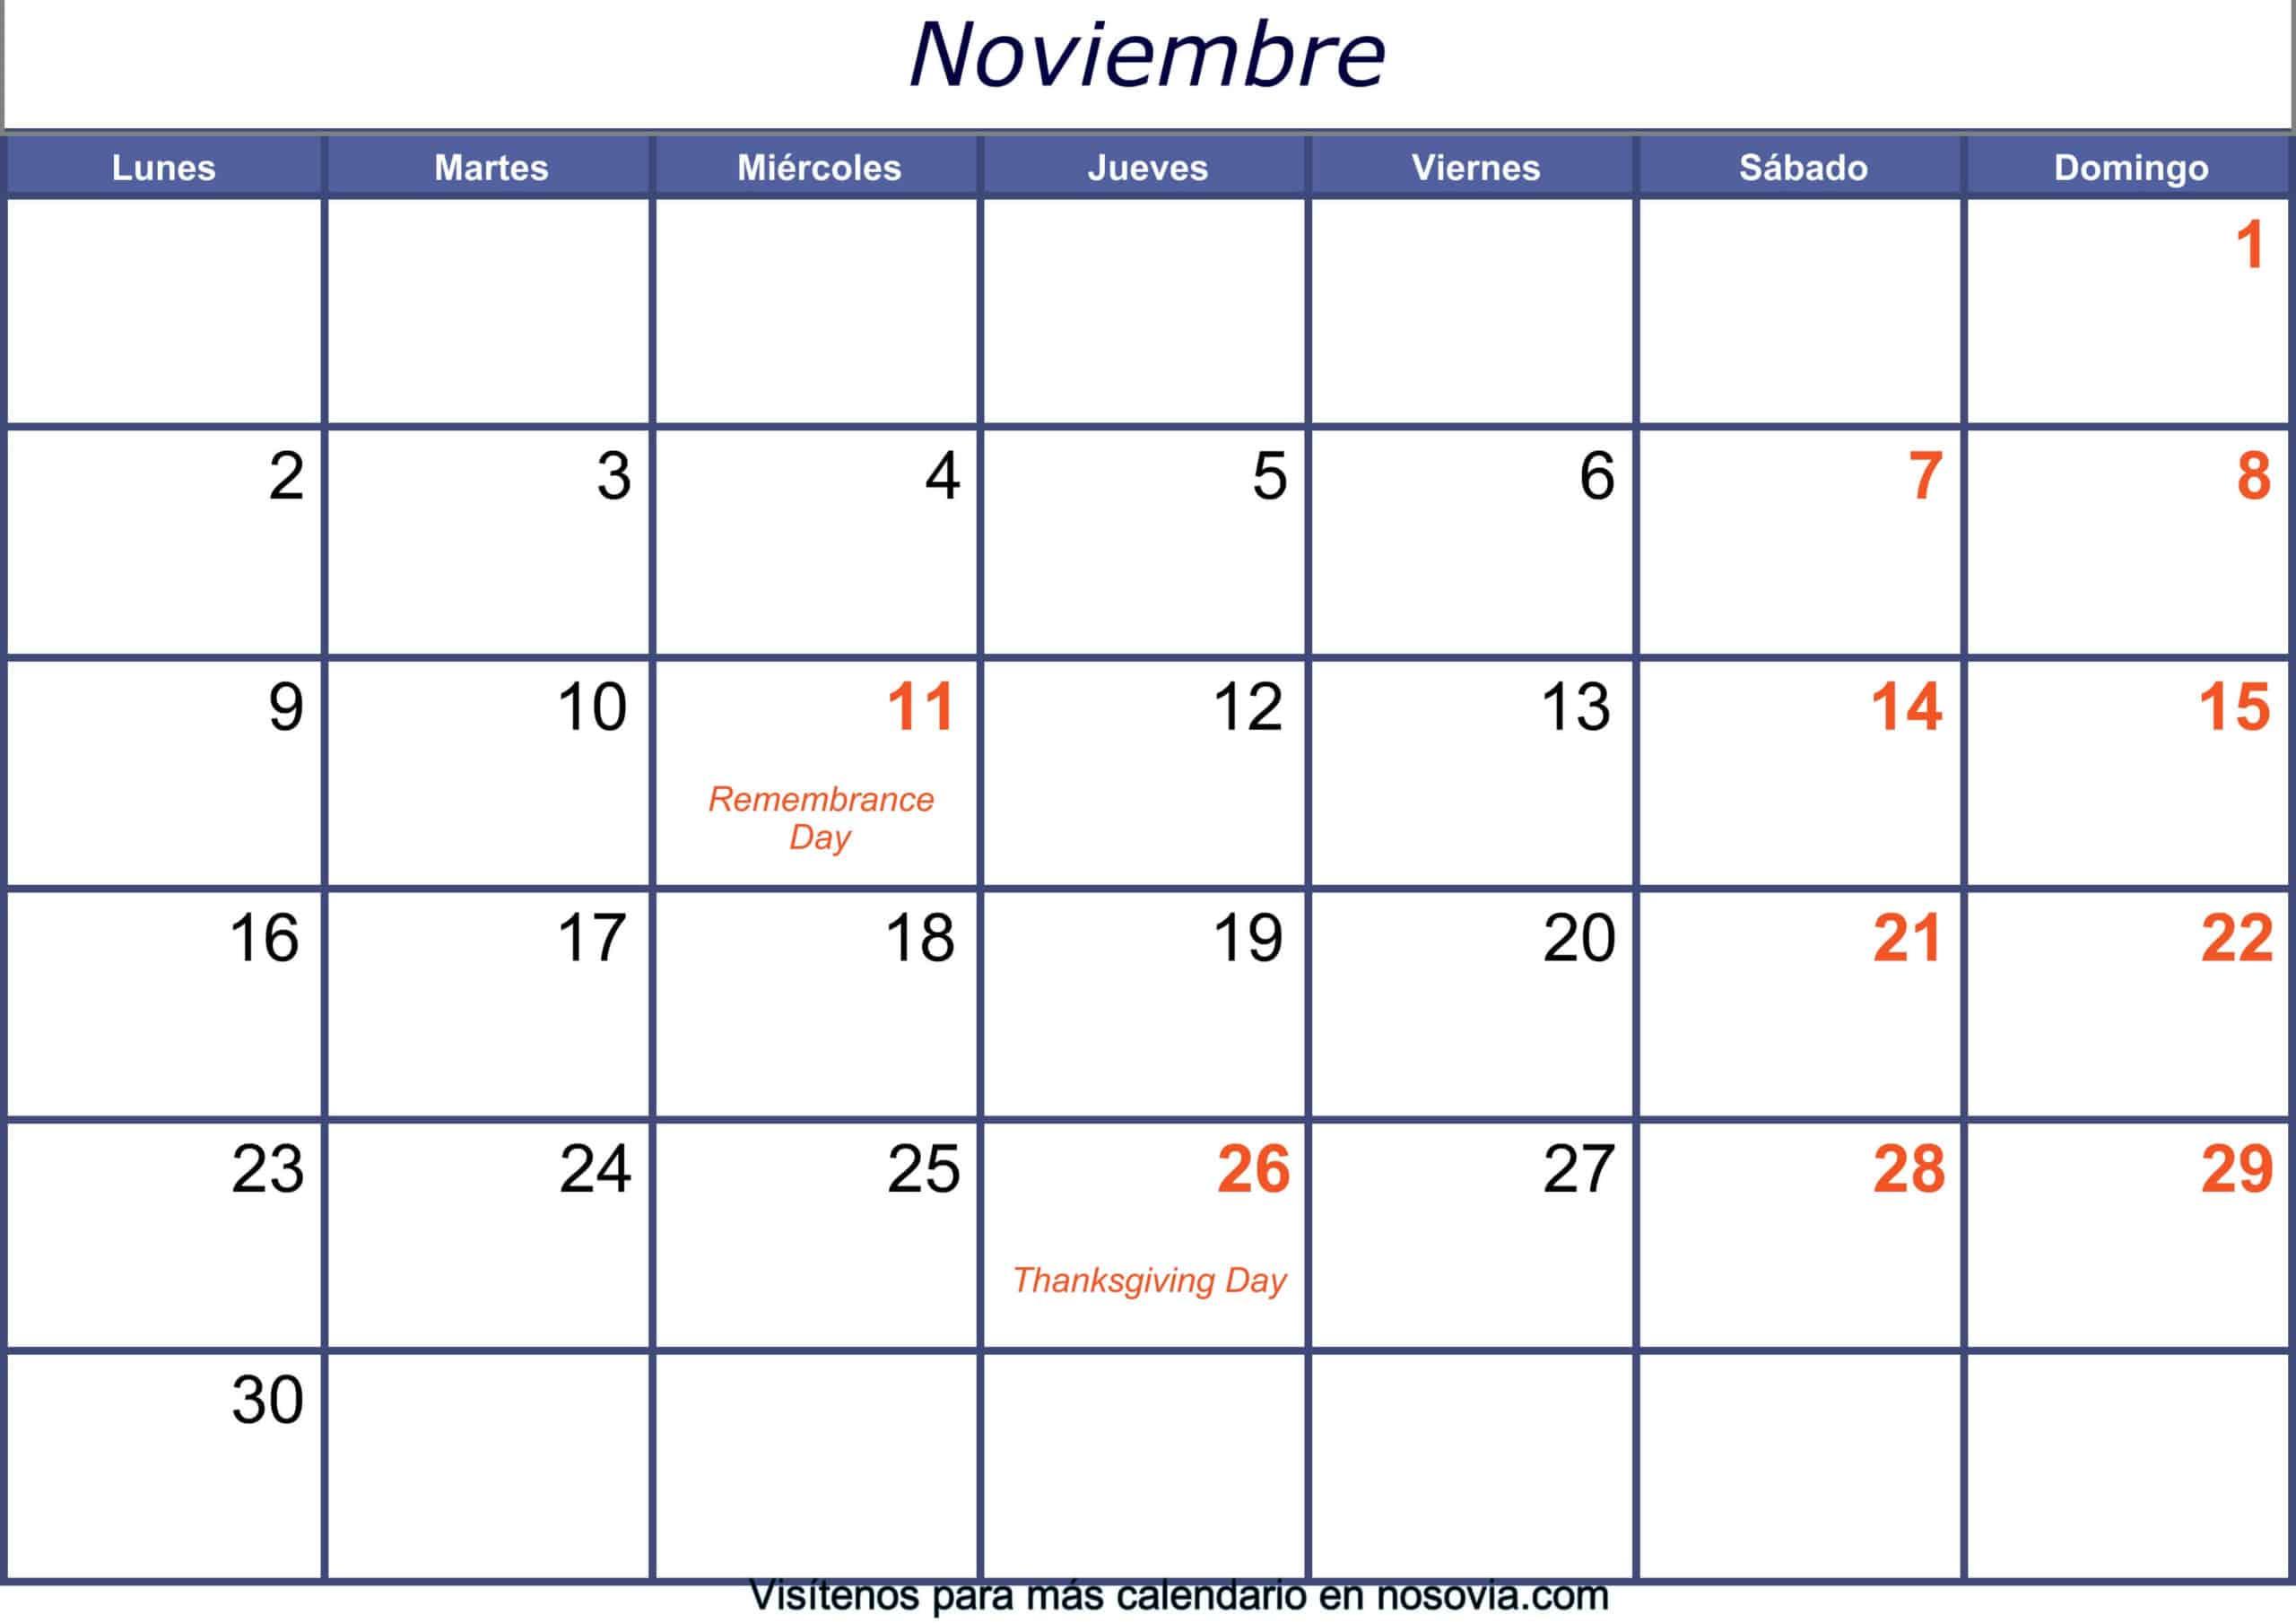 Calendario-noviembre-2020-con-festivos-para-imprimir